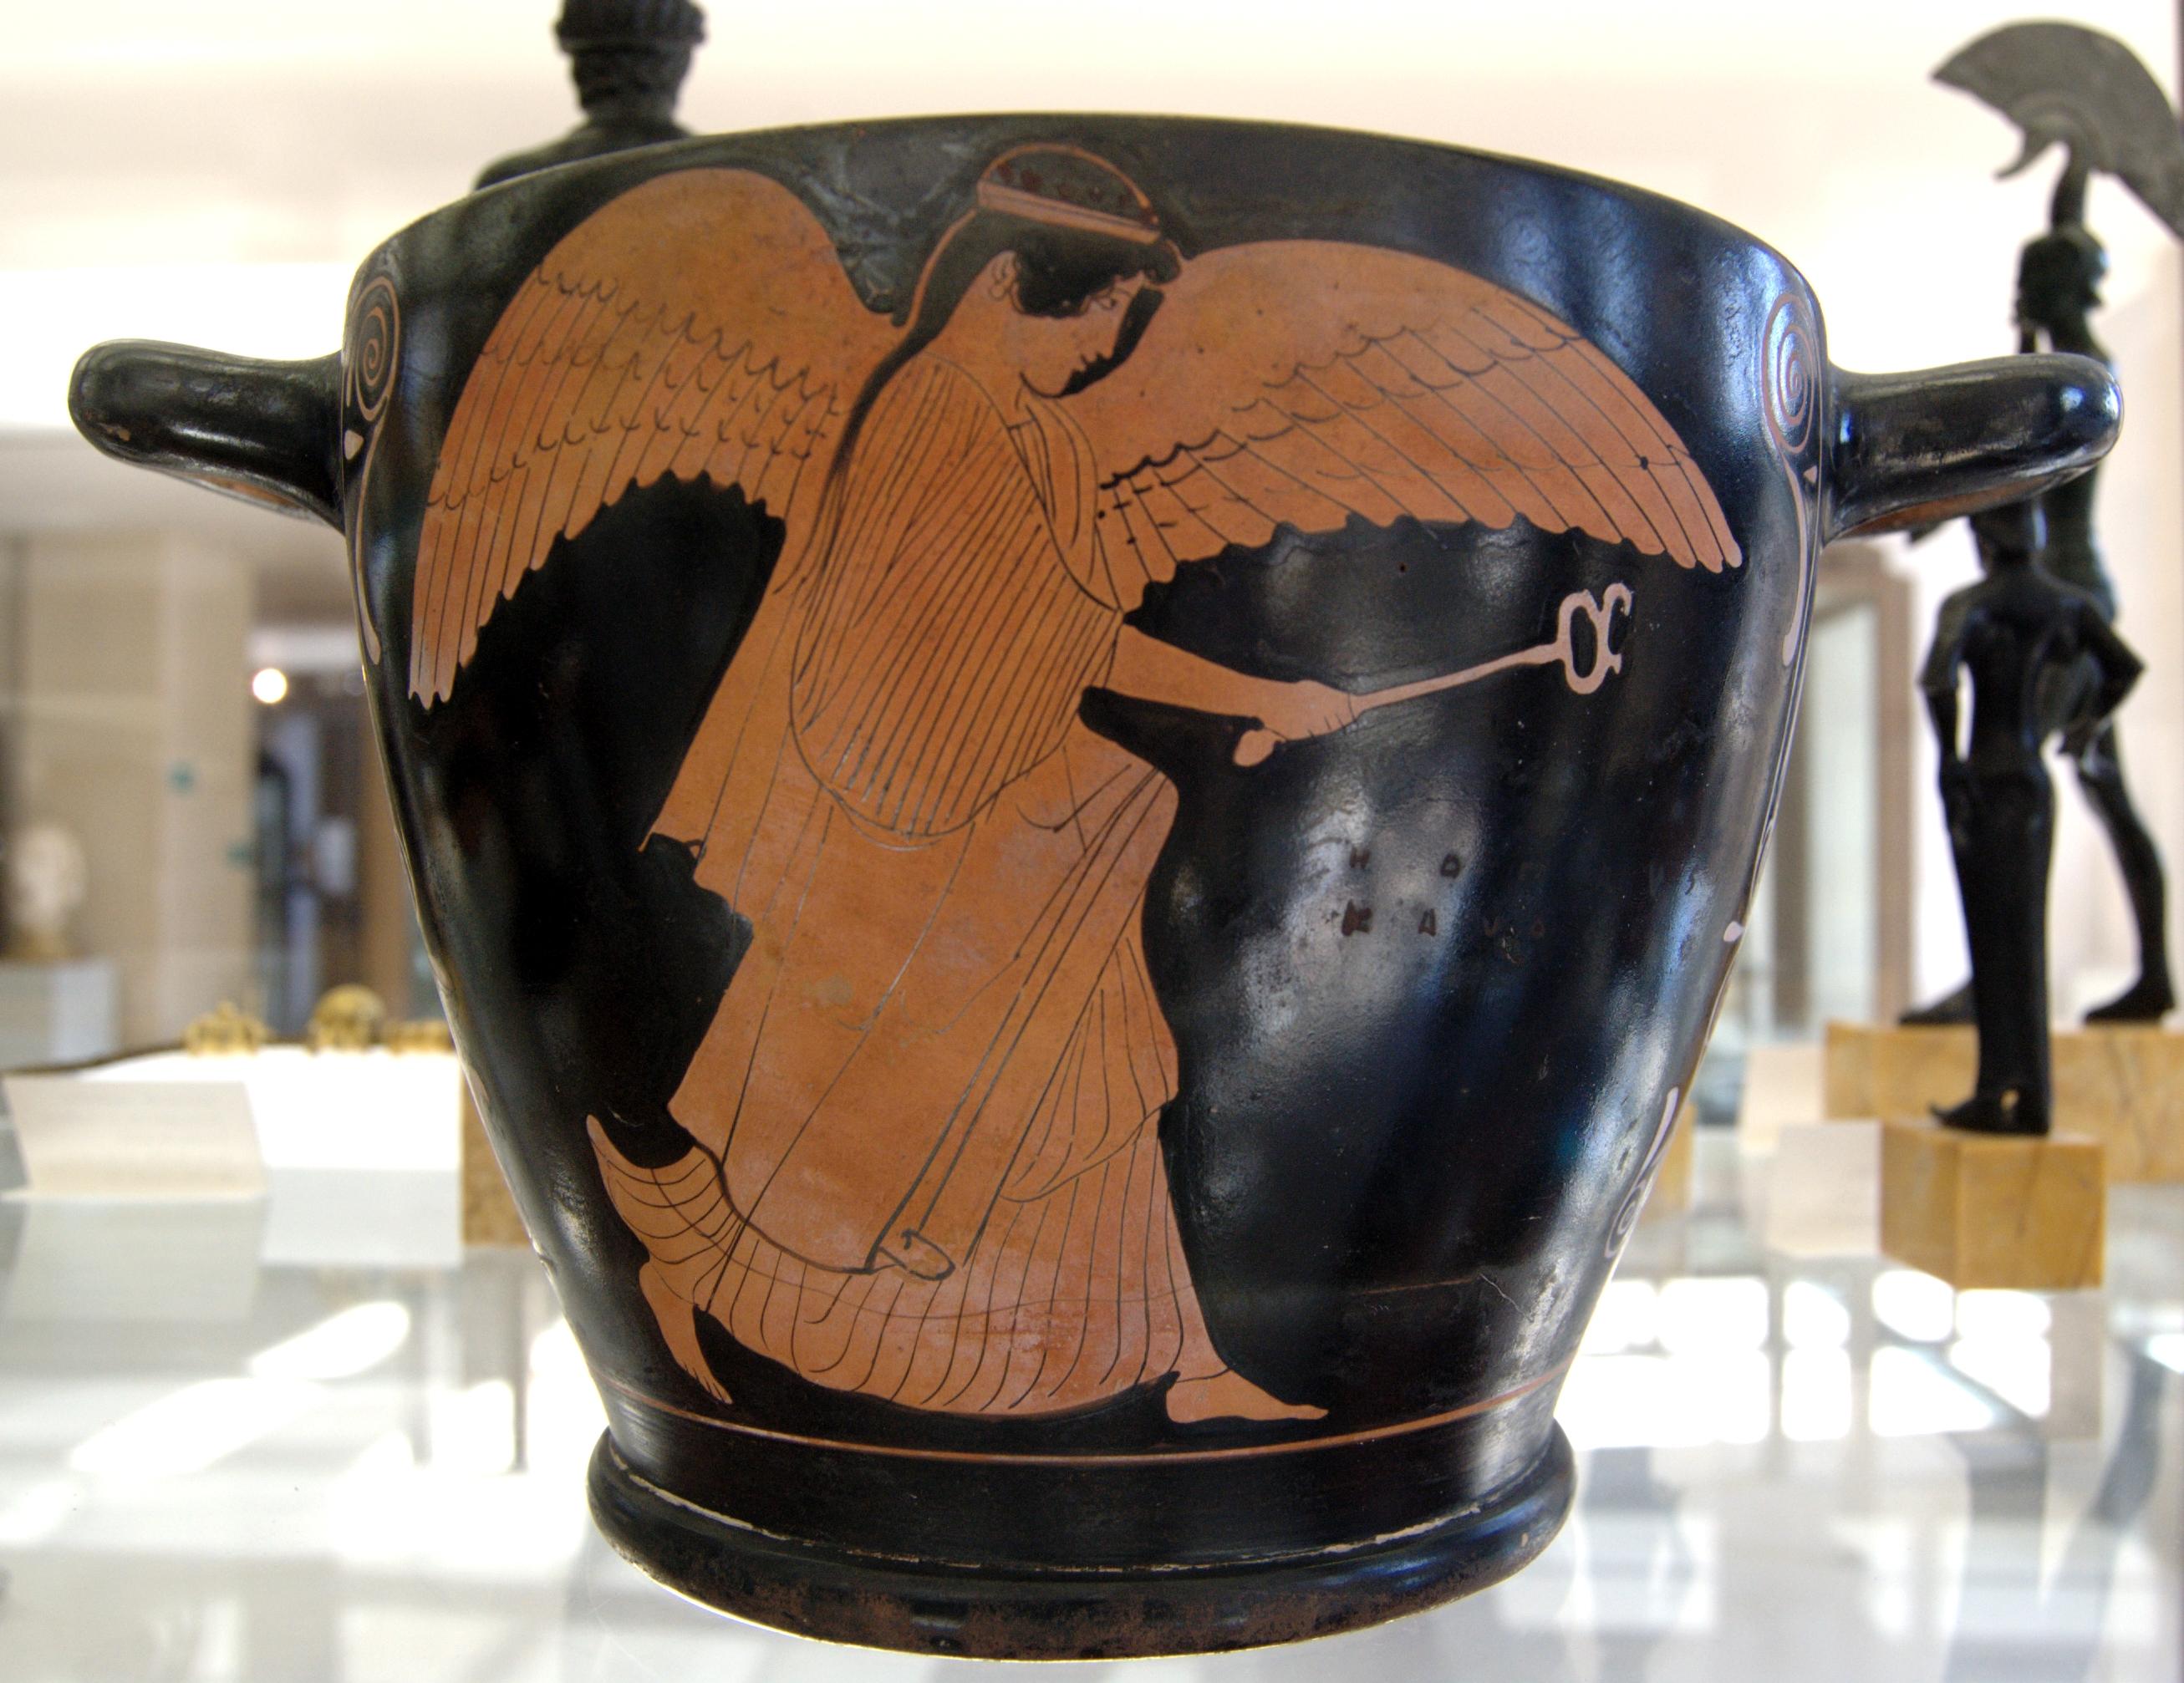 Greek Winged female figure holding a caduceus, Attic red-figure skyphos, middle of 5th century BCE. Penthesilea Painter, Cabinet des Médailles, Paris (Photo in public domain)